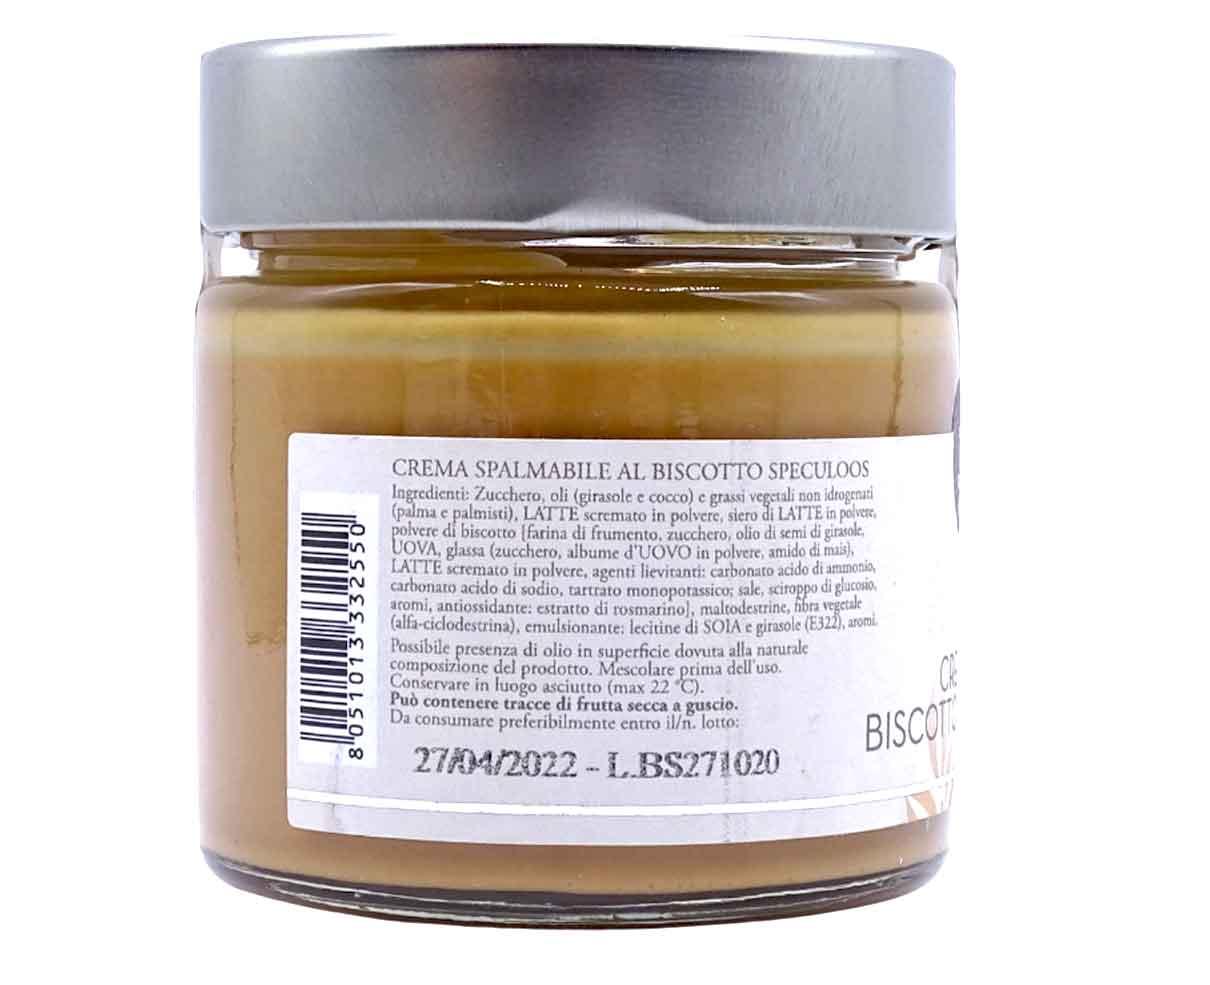 Crema-di-biscotti-Speculoos-Scyavuru-200gr